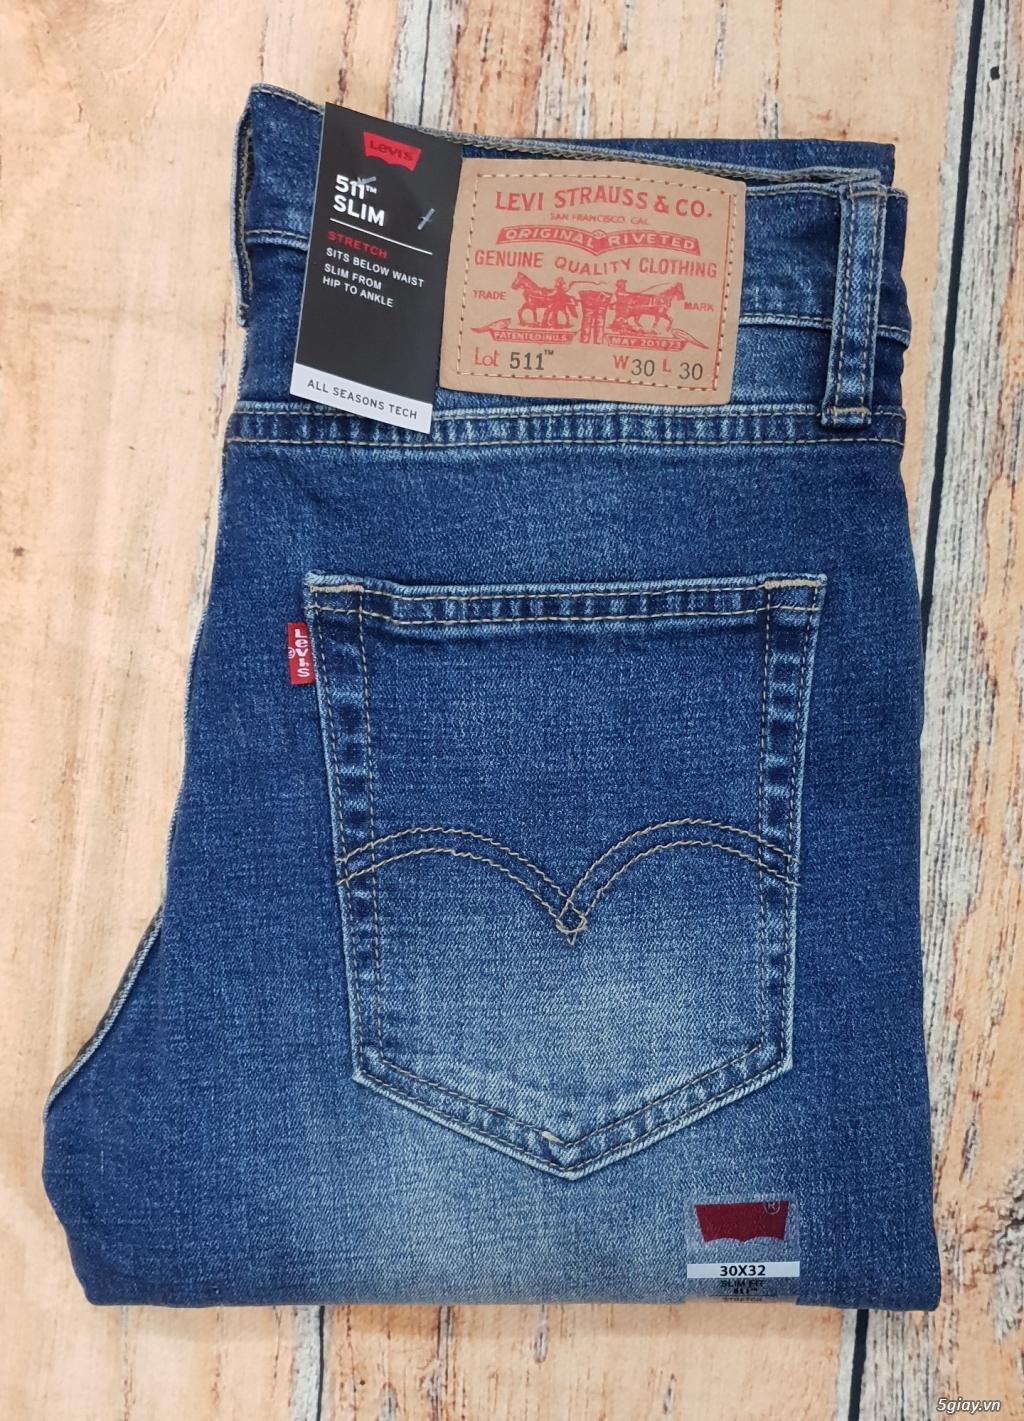 Chuyên bán quần jeans Nam Levi's 511 dáng xuông đủ màu đủ size - 13